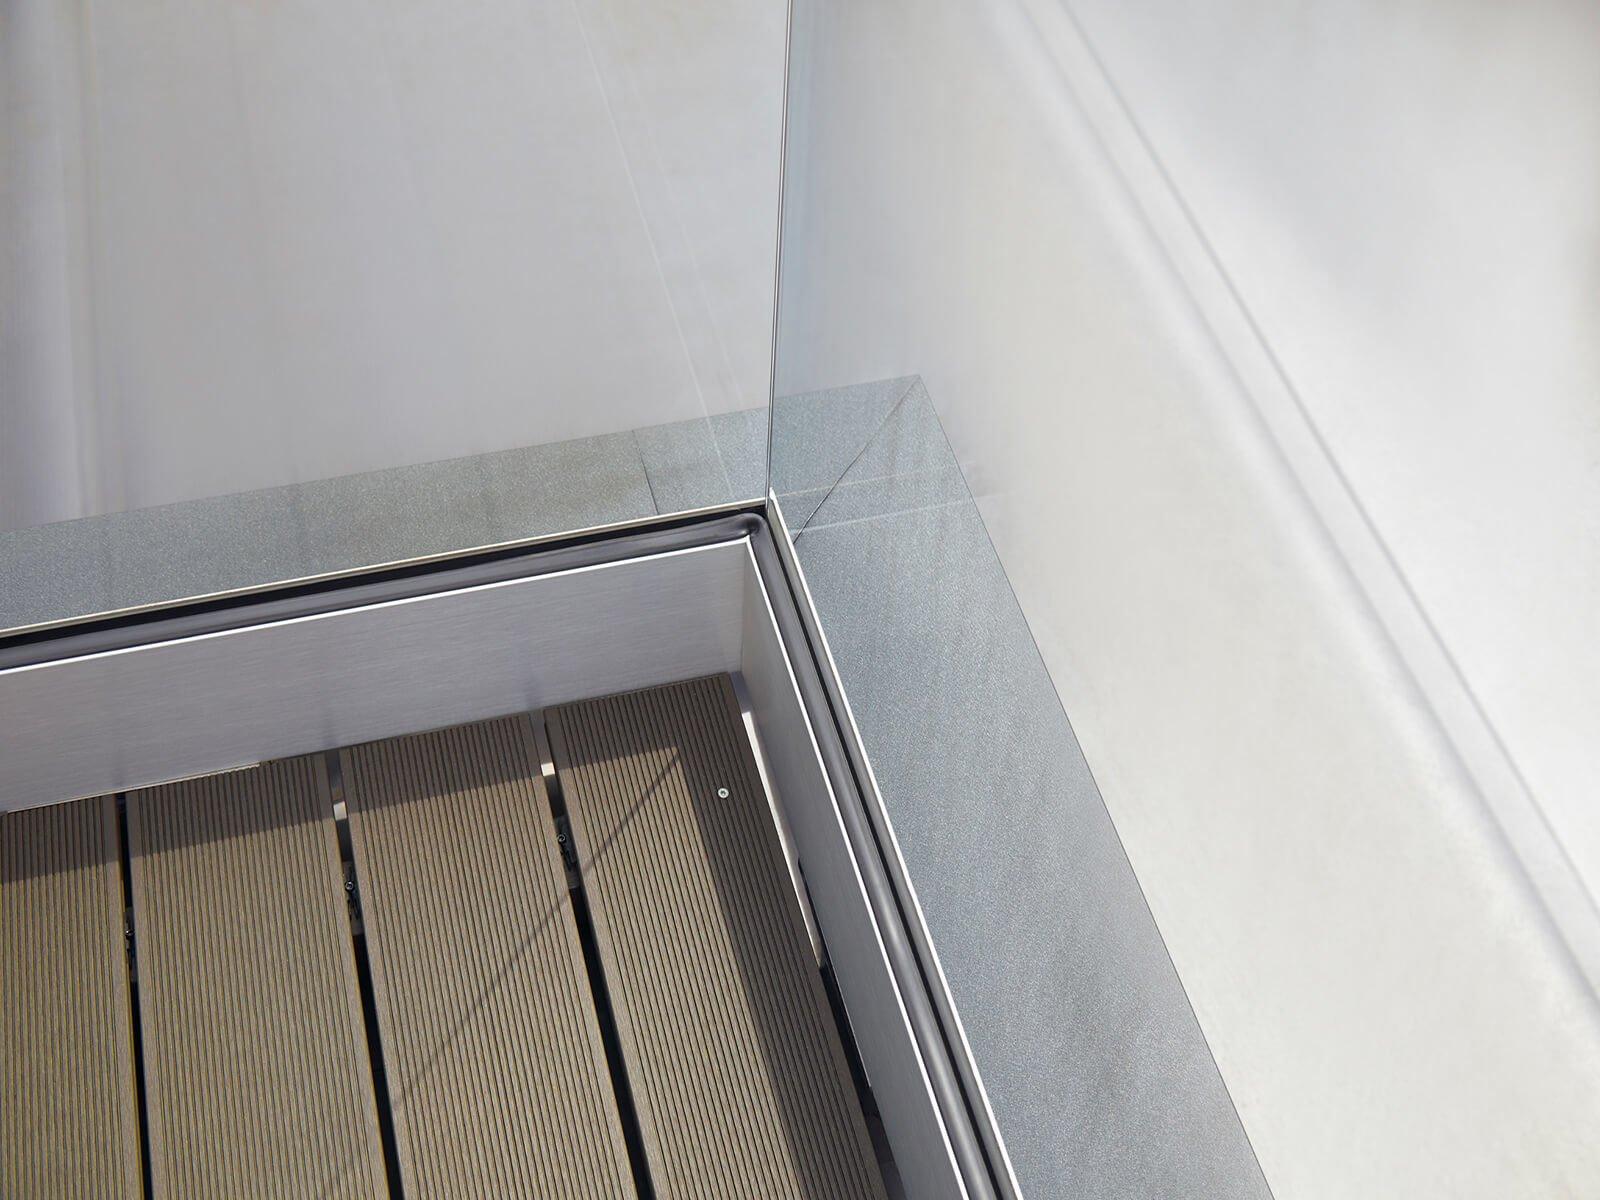 Glasrailing FORMAL auf einem Balkon mit Abkantblech zum Schutz der Dämmung